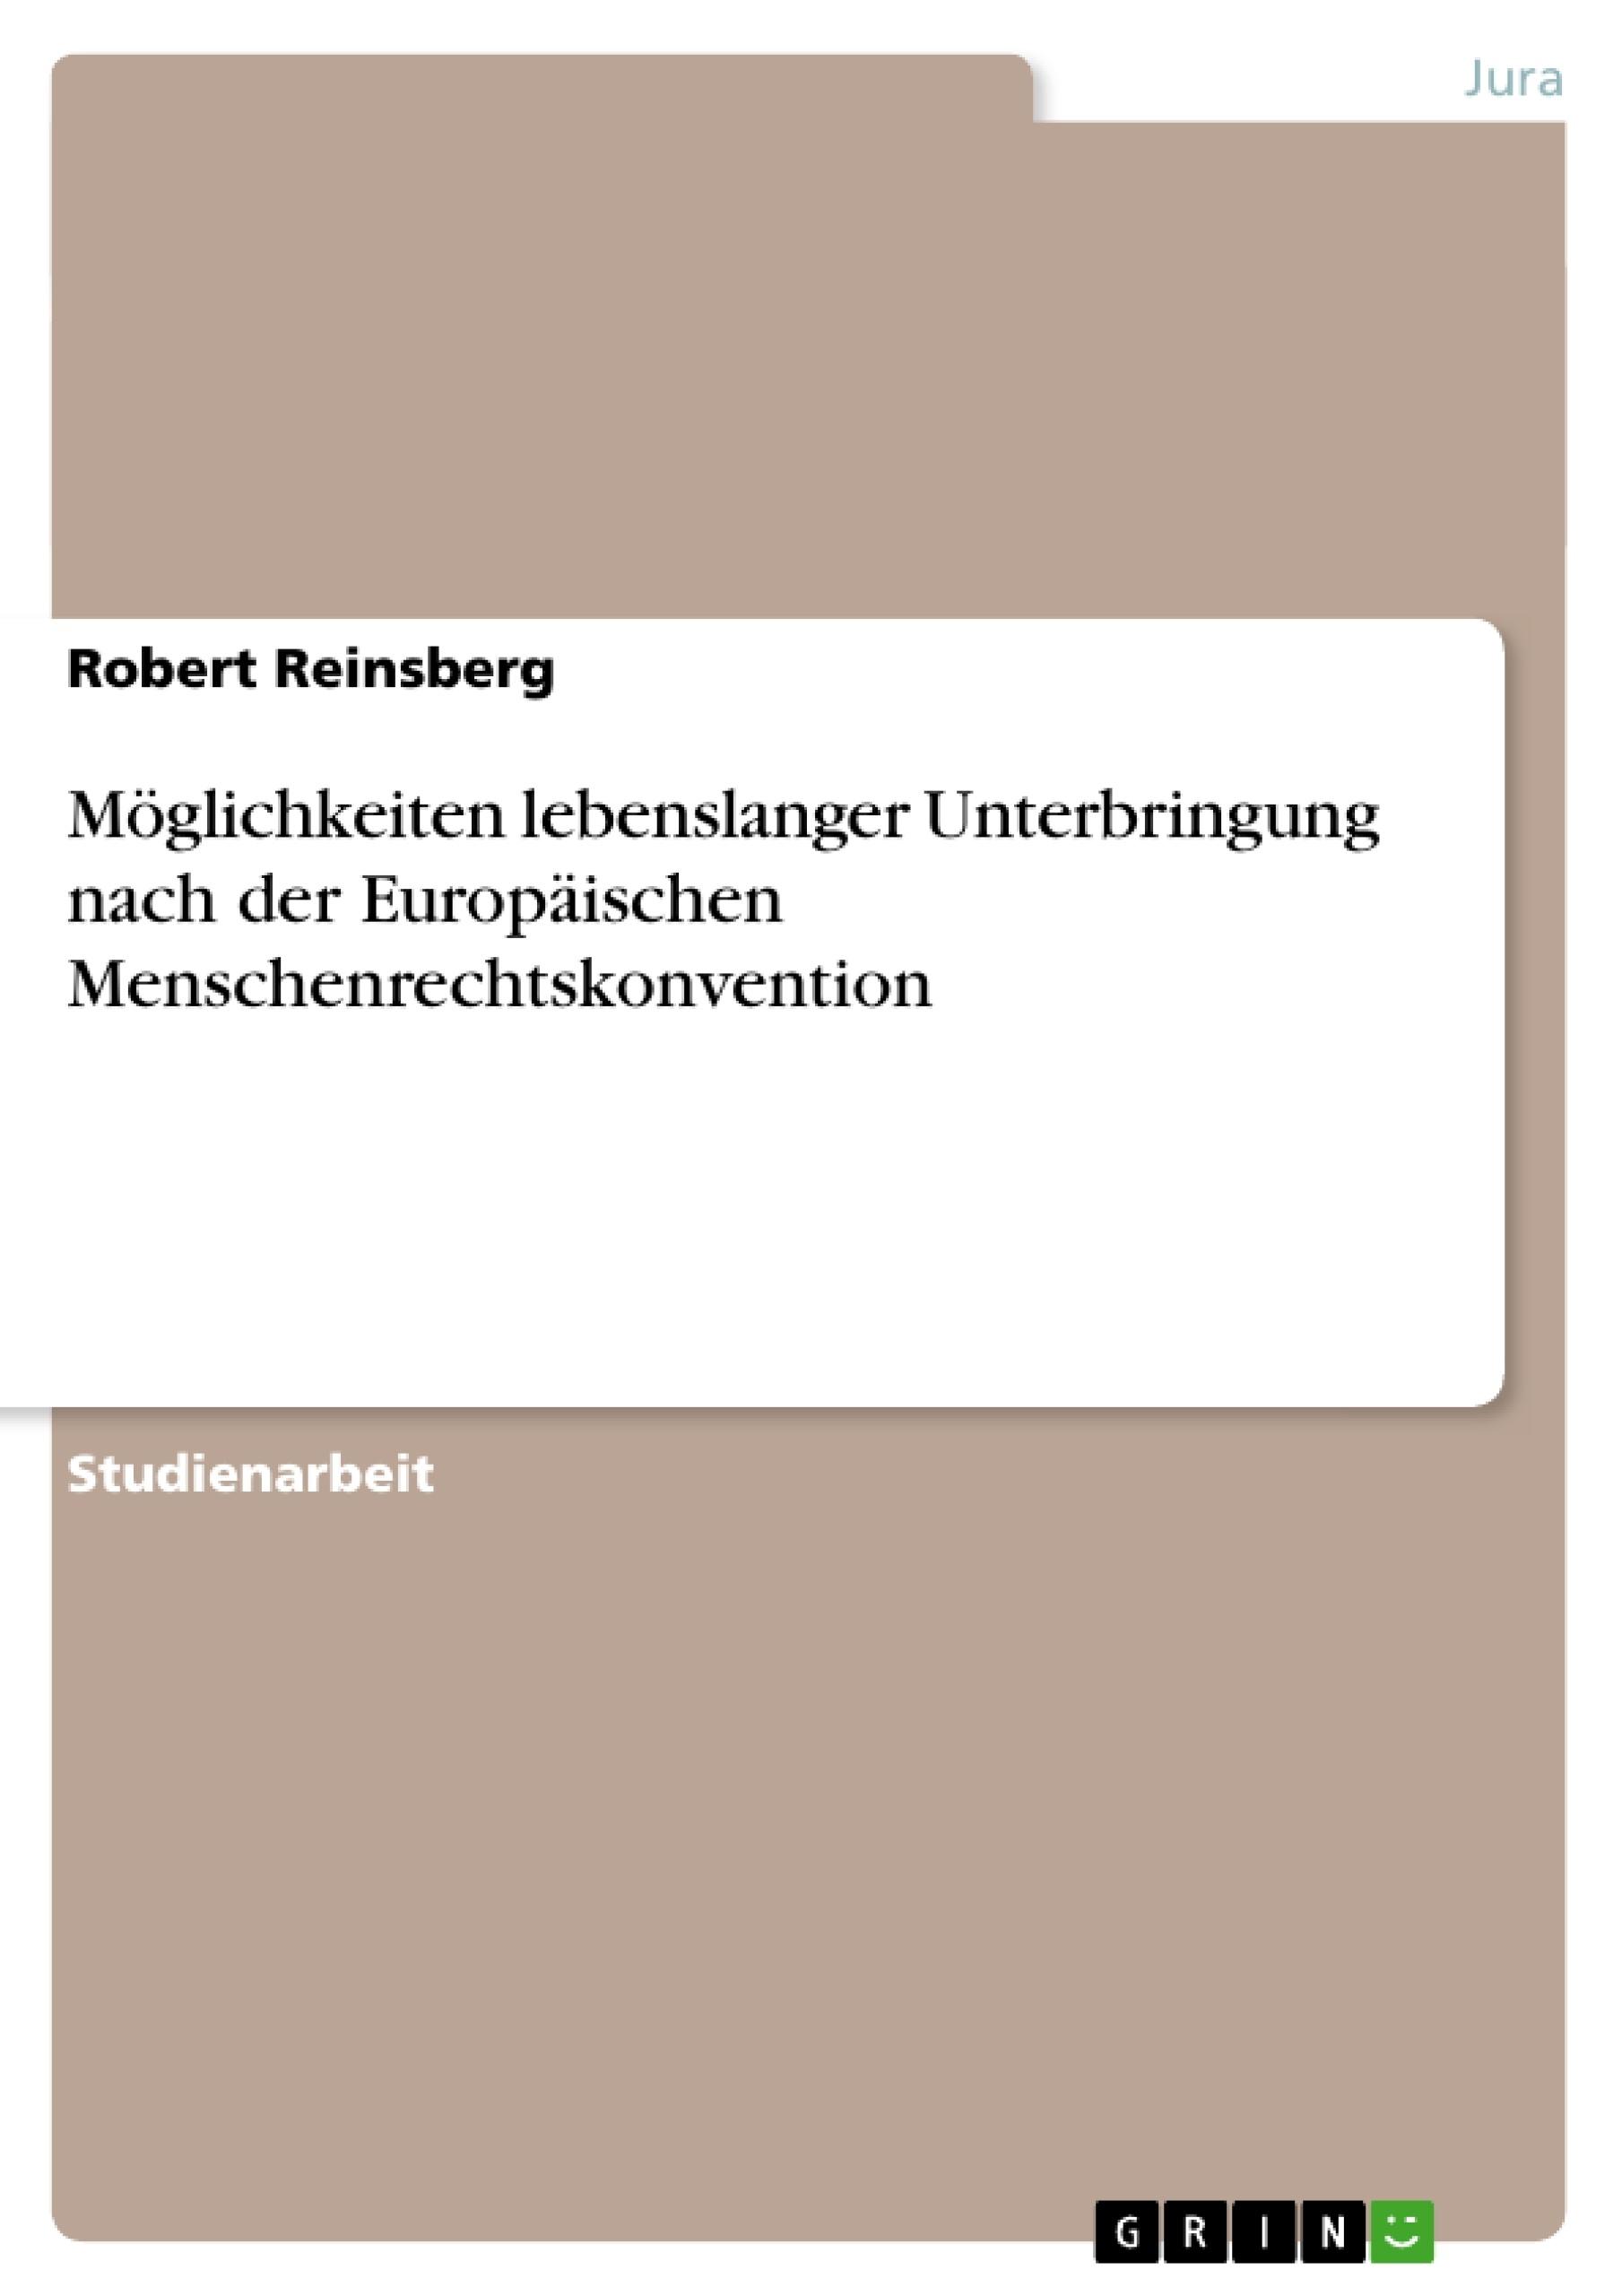 Titel: Möglichkeiten lebenslanger Unterbringung nach der Europäischen Menschenrechtskonvention